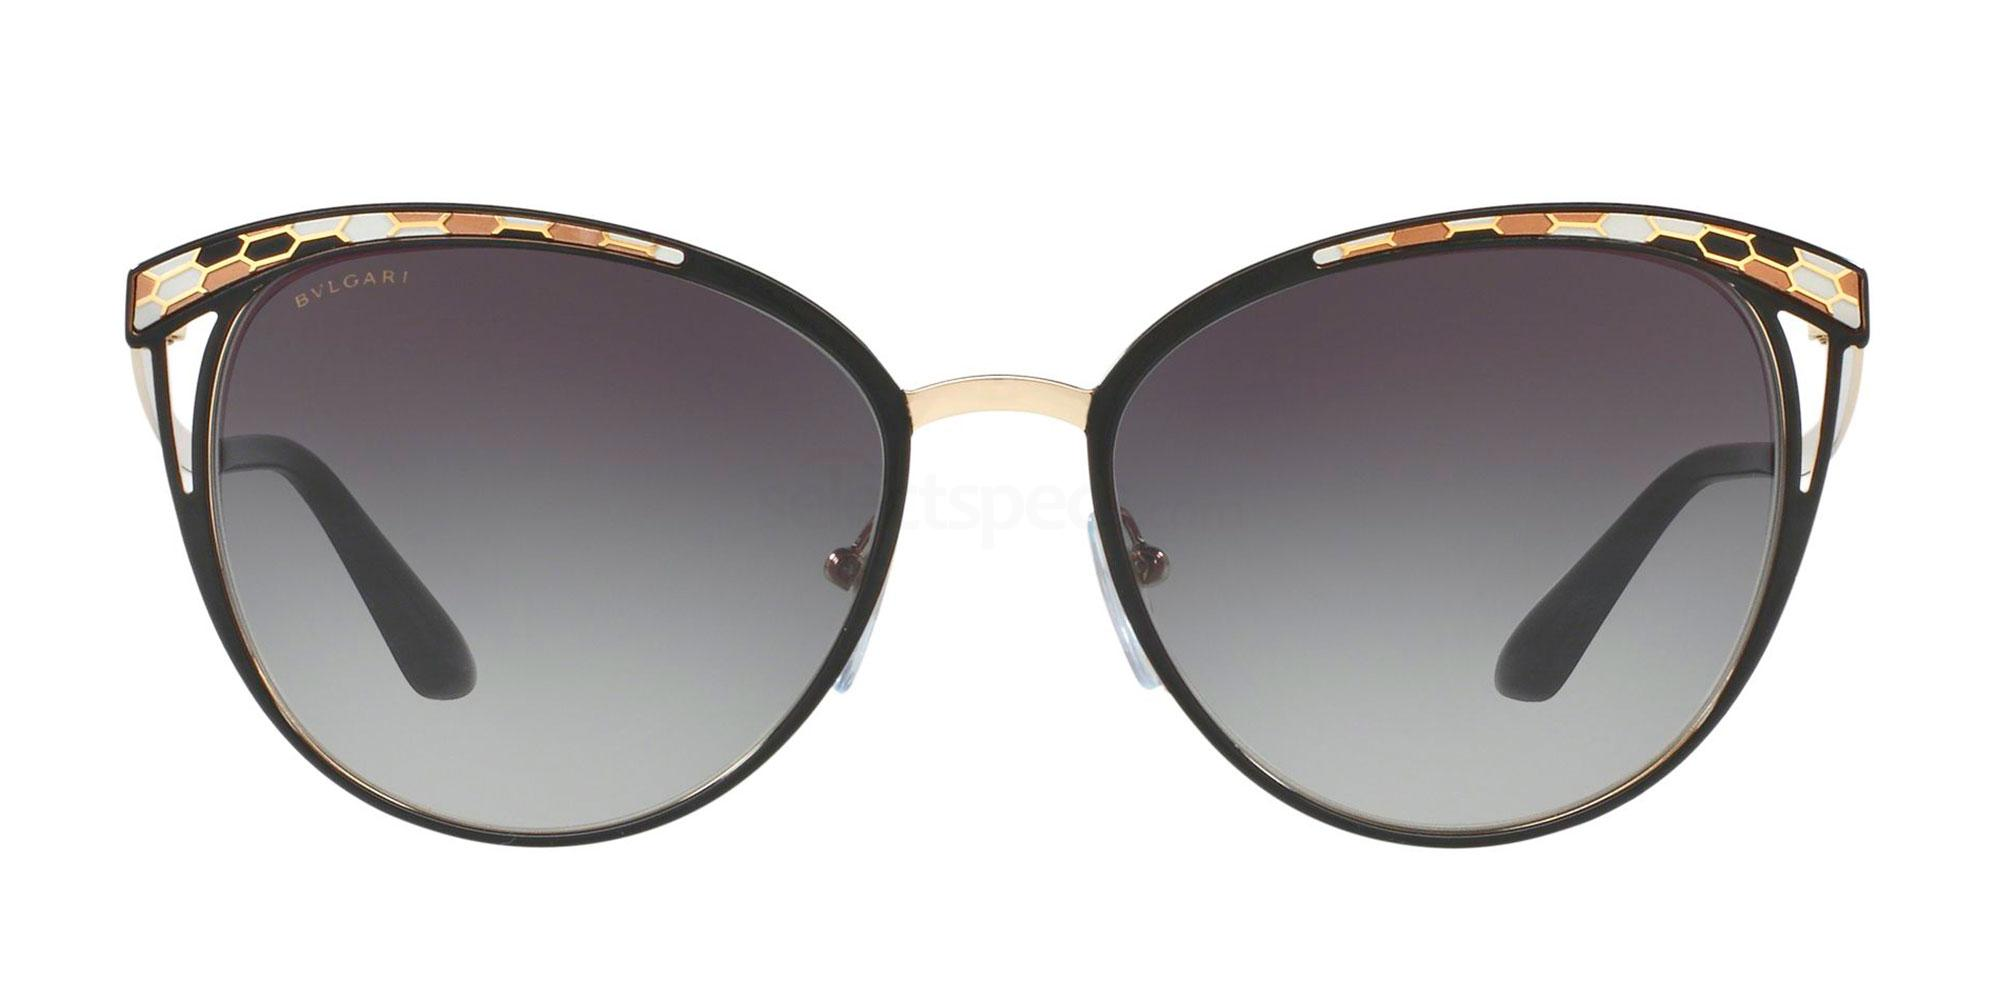 20188G BV6083 Sunglasses, Bvlgari